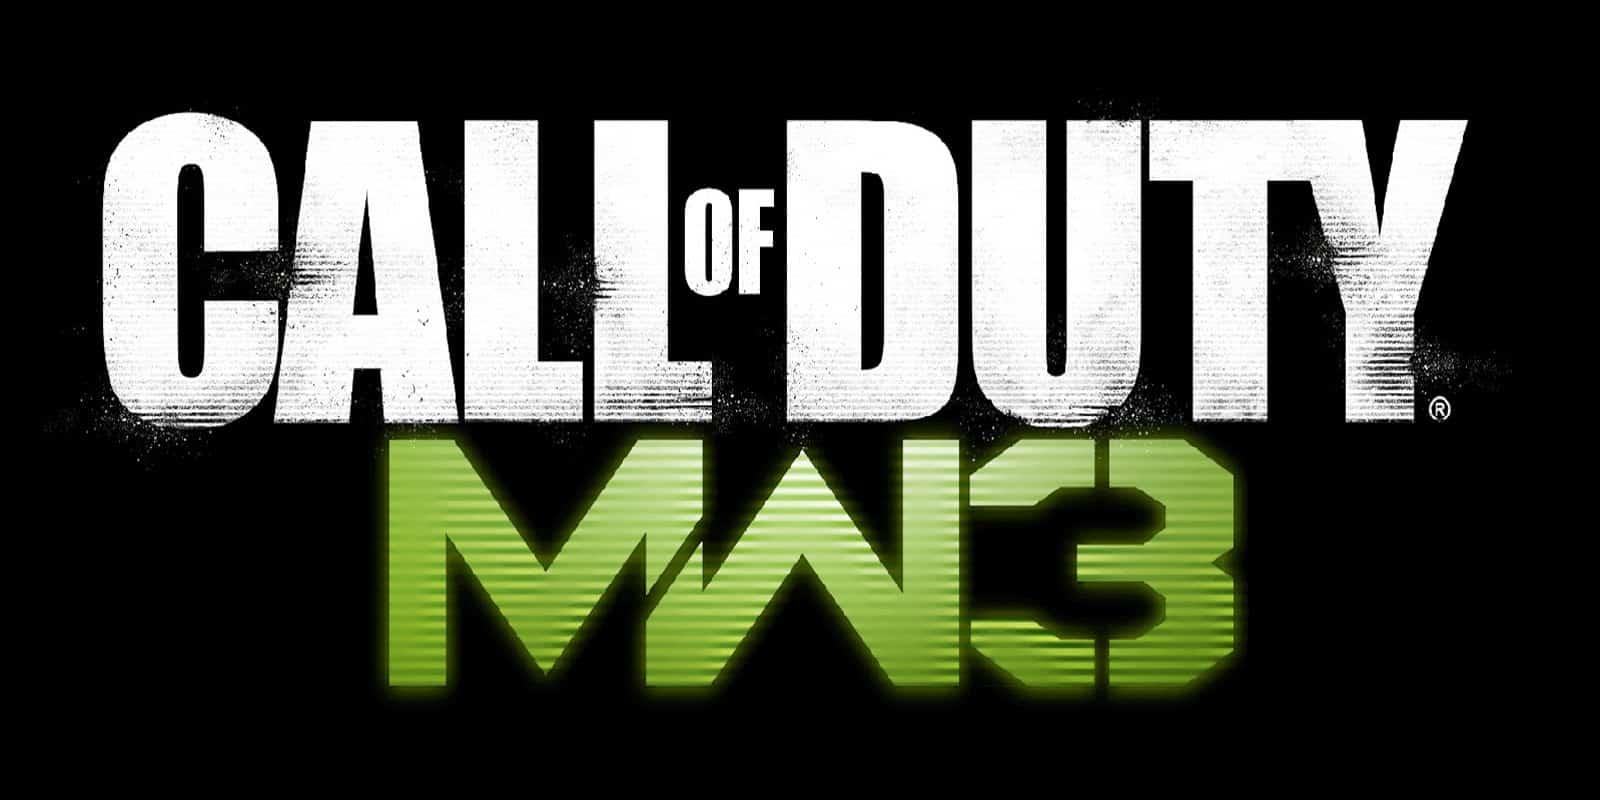 Modern Warfare 3 PC, PS3, and Xbox 360 Comparison Video